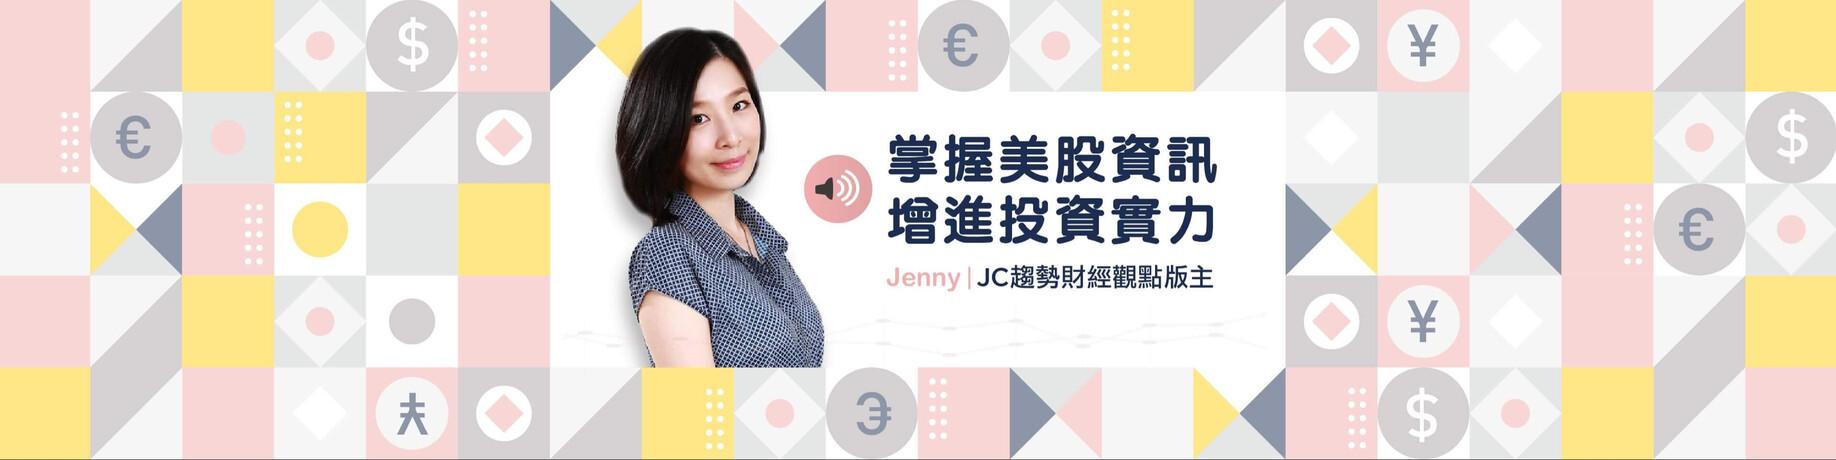 Jenny 的生活美股課-帶你輕鬆找到股息成長股!